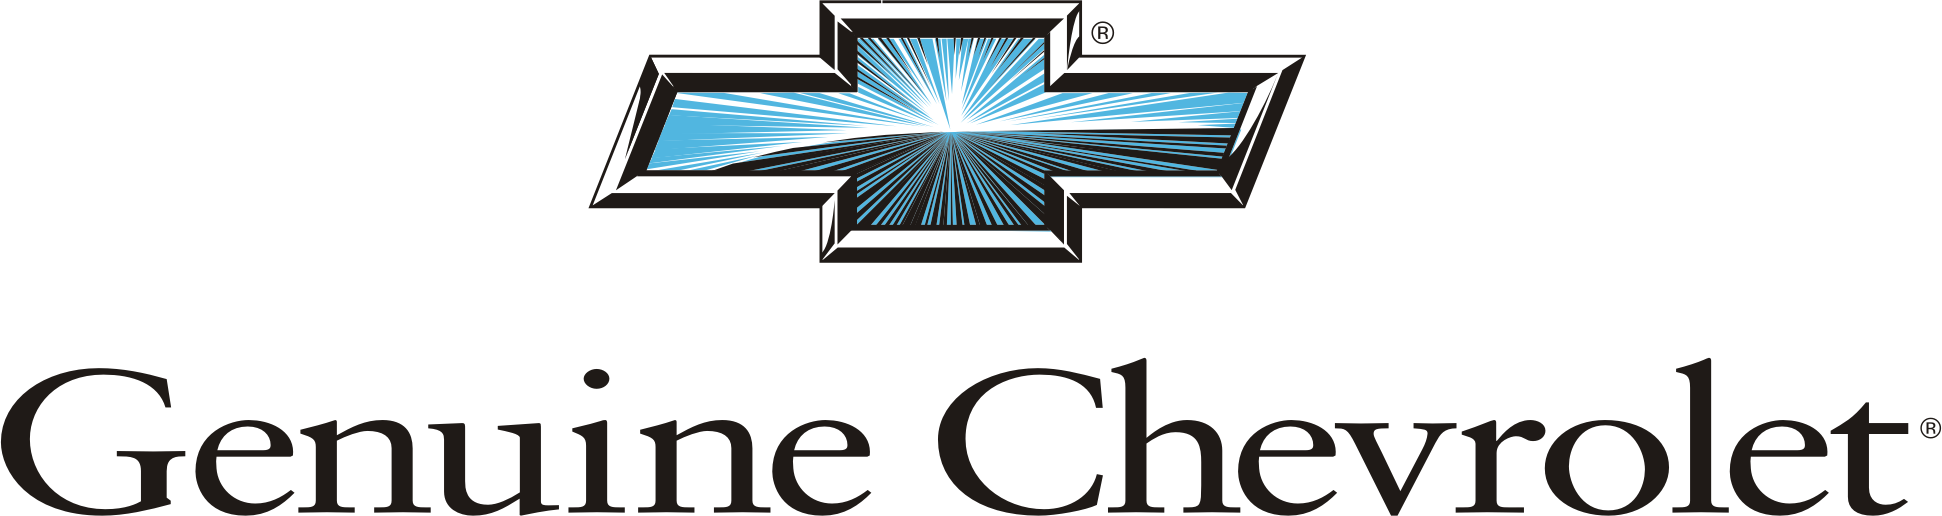 chevrolet logo. chevrolet logo w